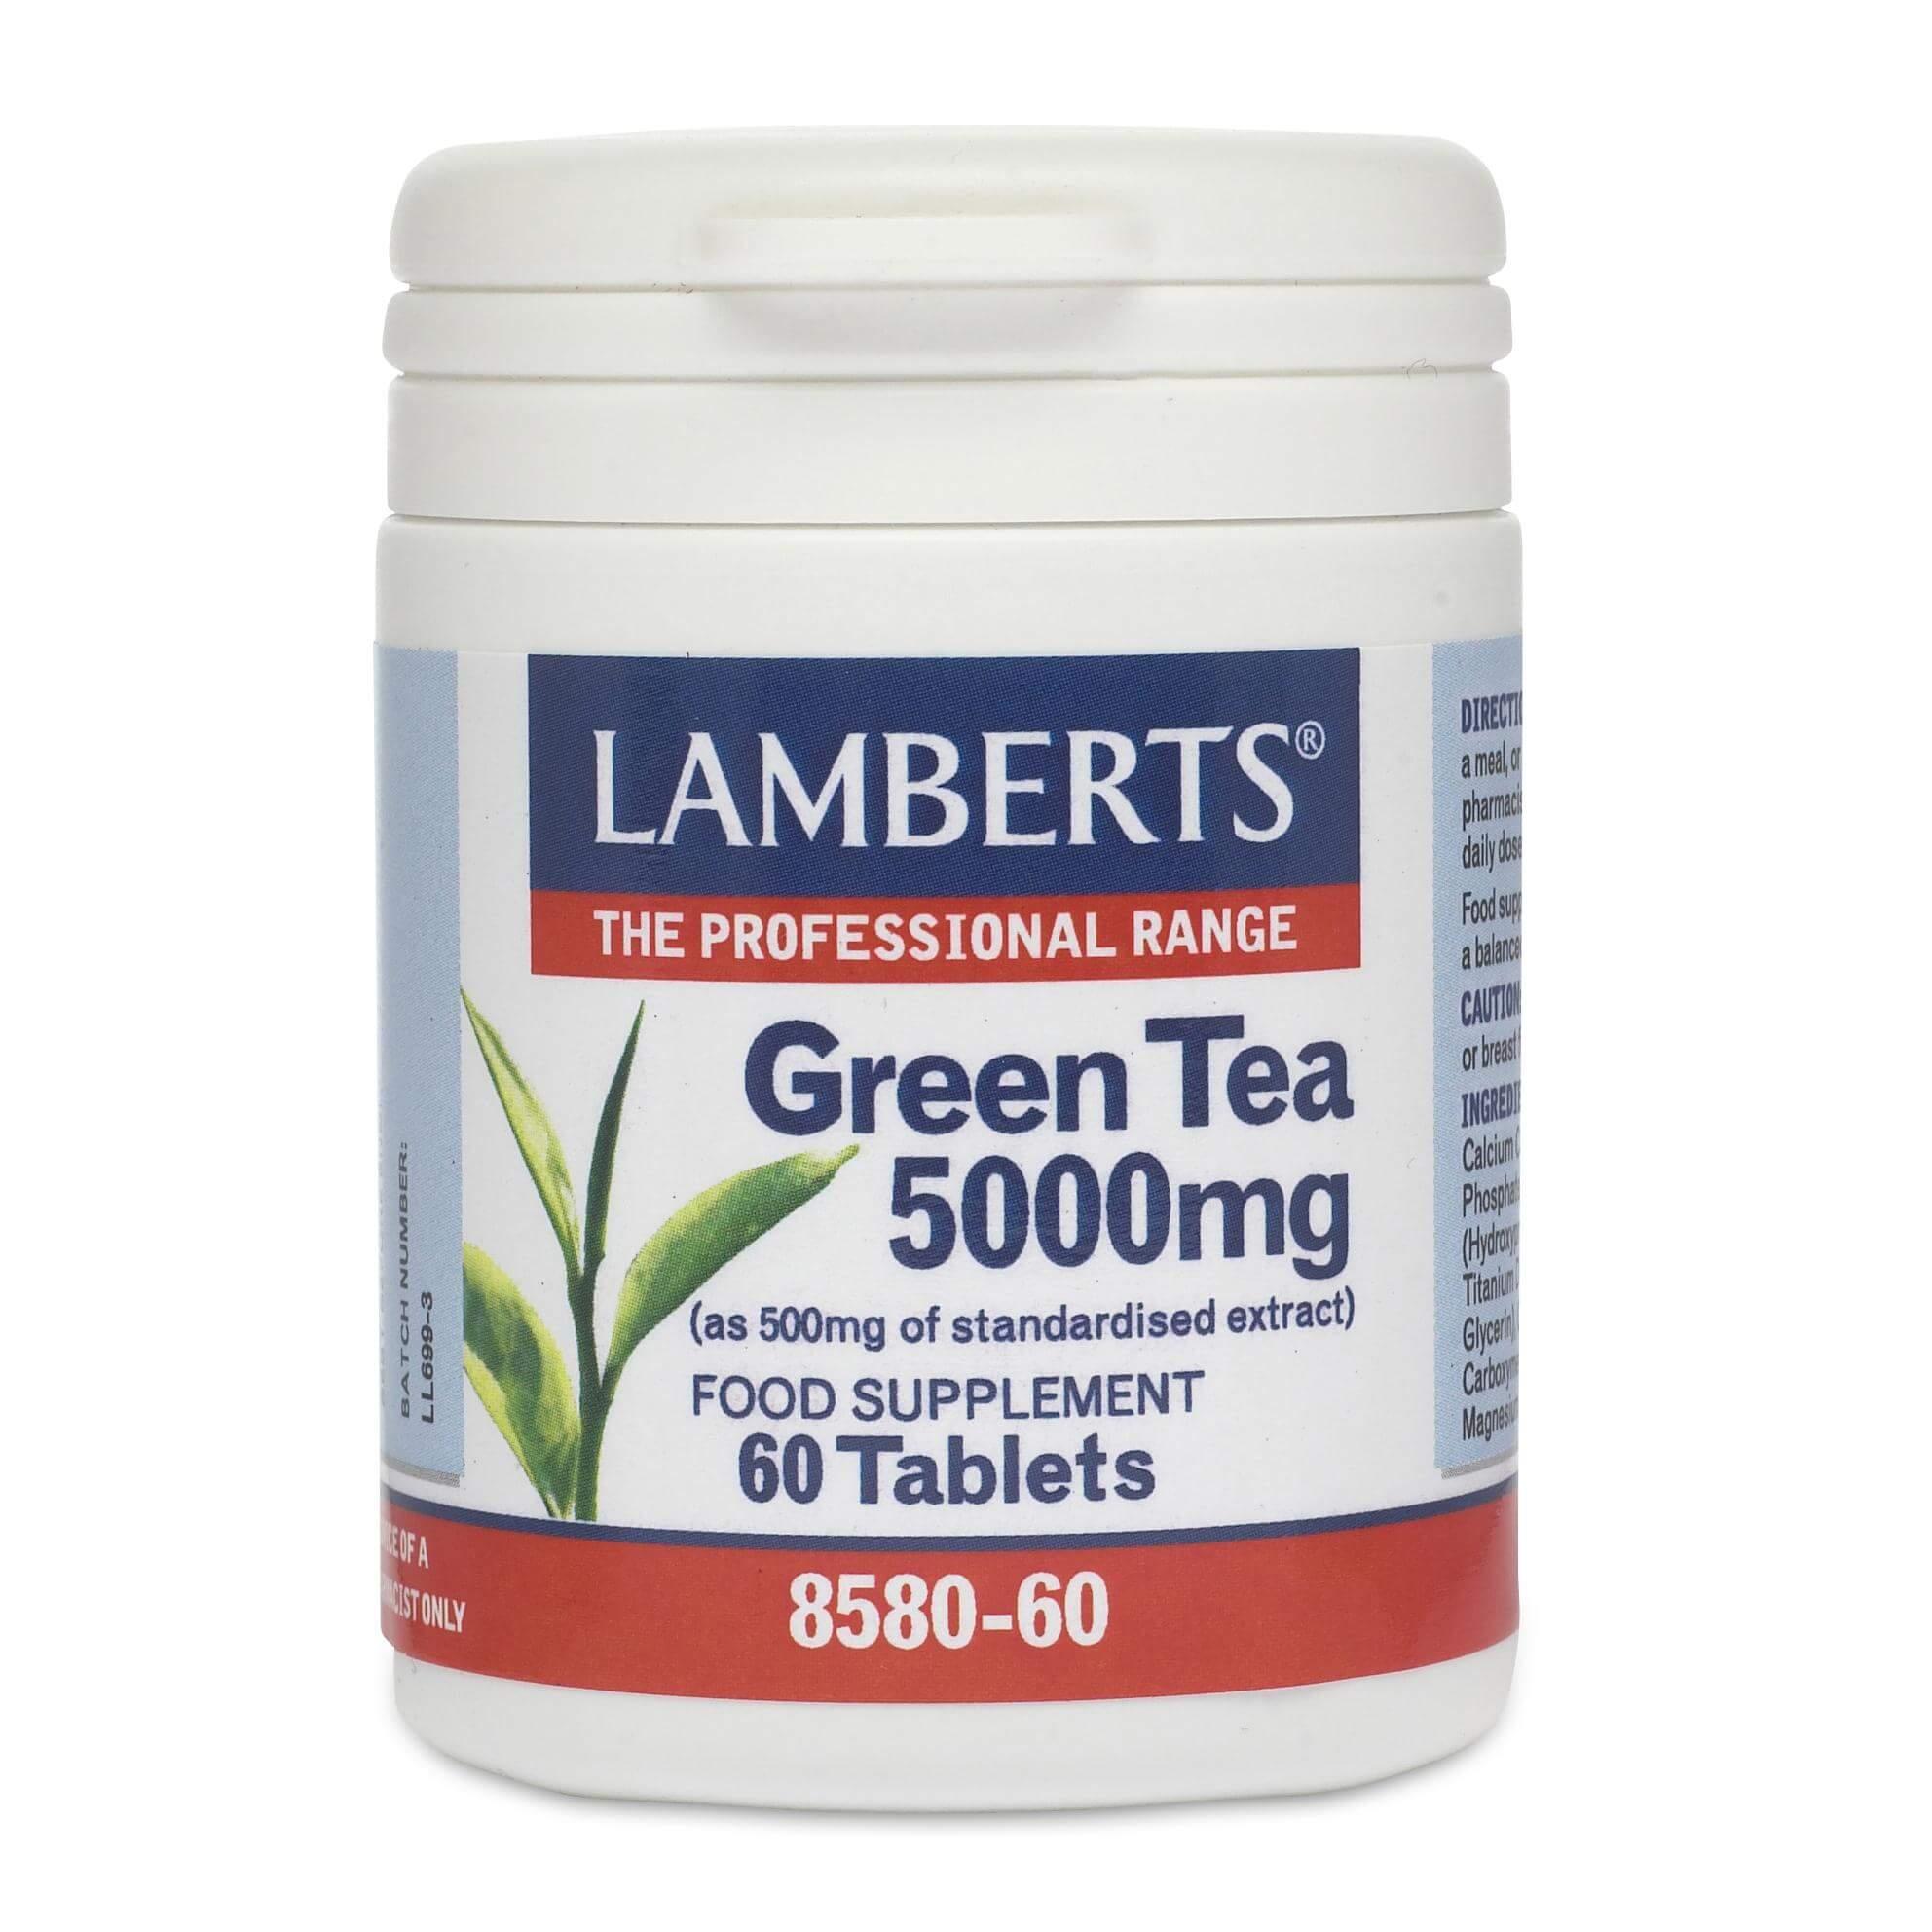 Lamberts Green Tea Συμπλήρωμα Διατροφής για ΑύξησητουΜεταβολικούΡυθμού τουΣώματός5000mg 60tabs